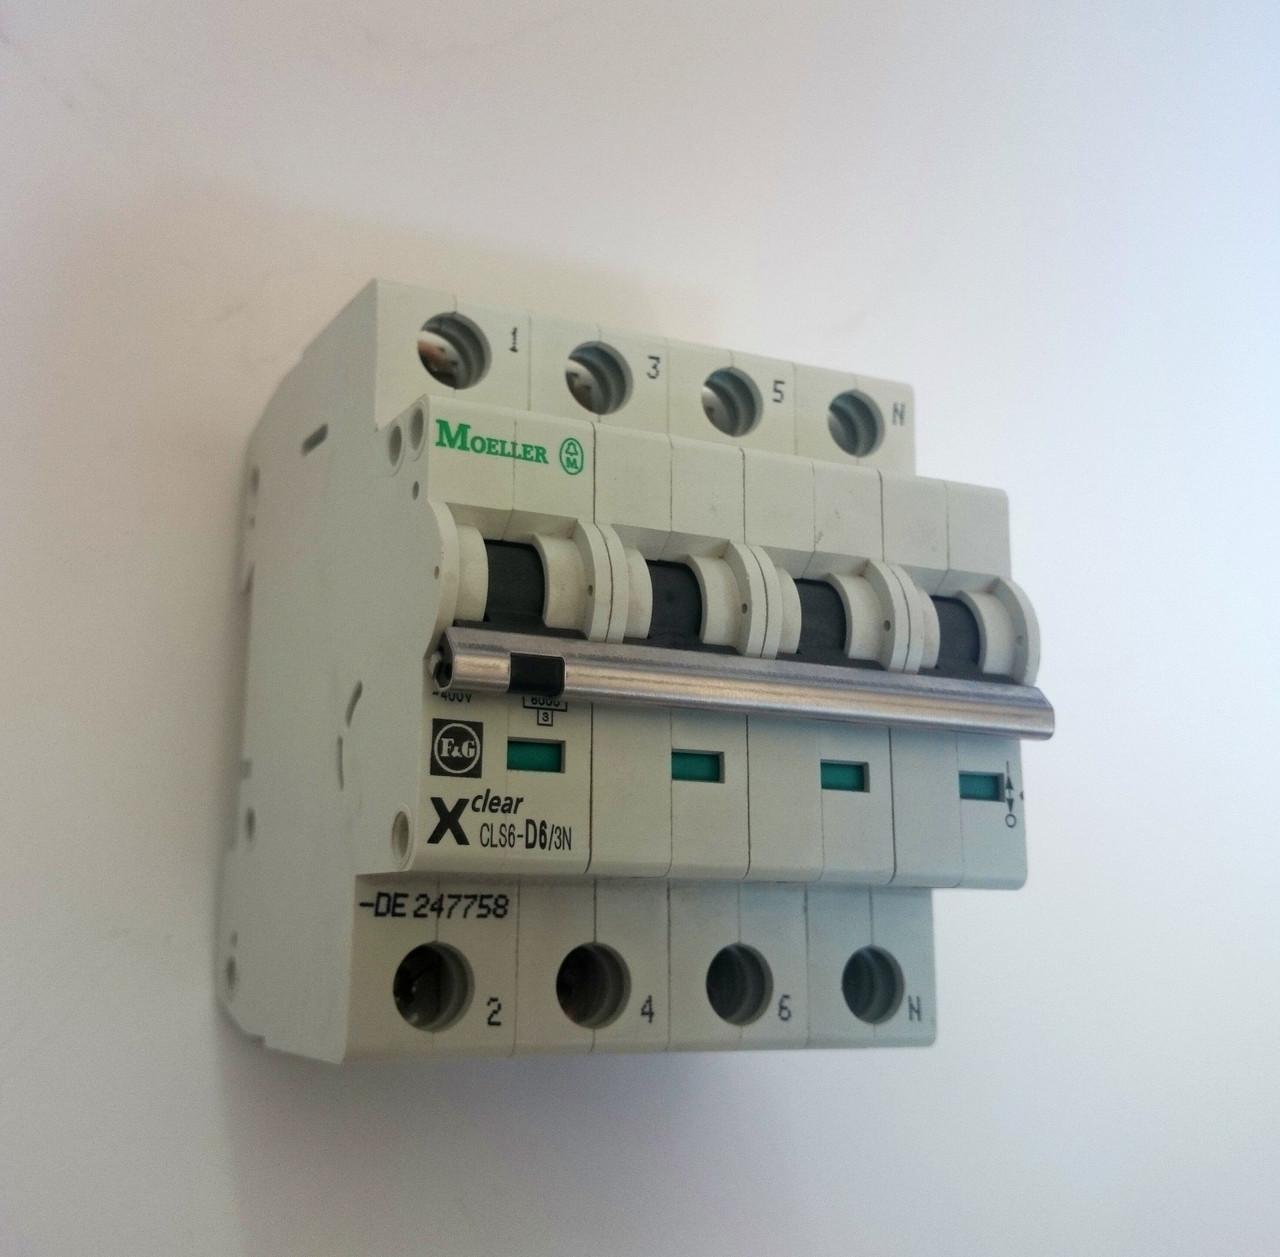 Автоматический выключатель In=6 А, 4п, D, 6 kA  CLS6-D6/3N (PL6-D6/3N) _Moeller-SALE